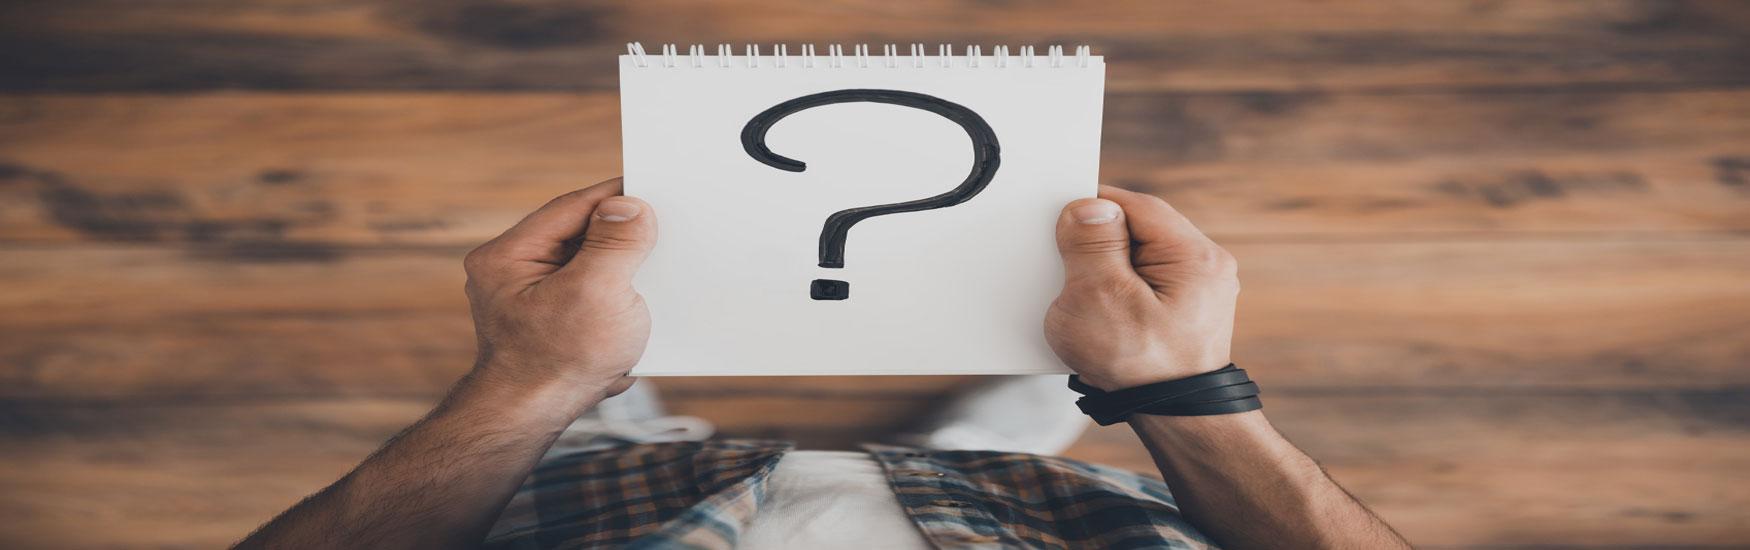 پاسخ به سوالات اکسل